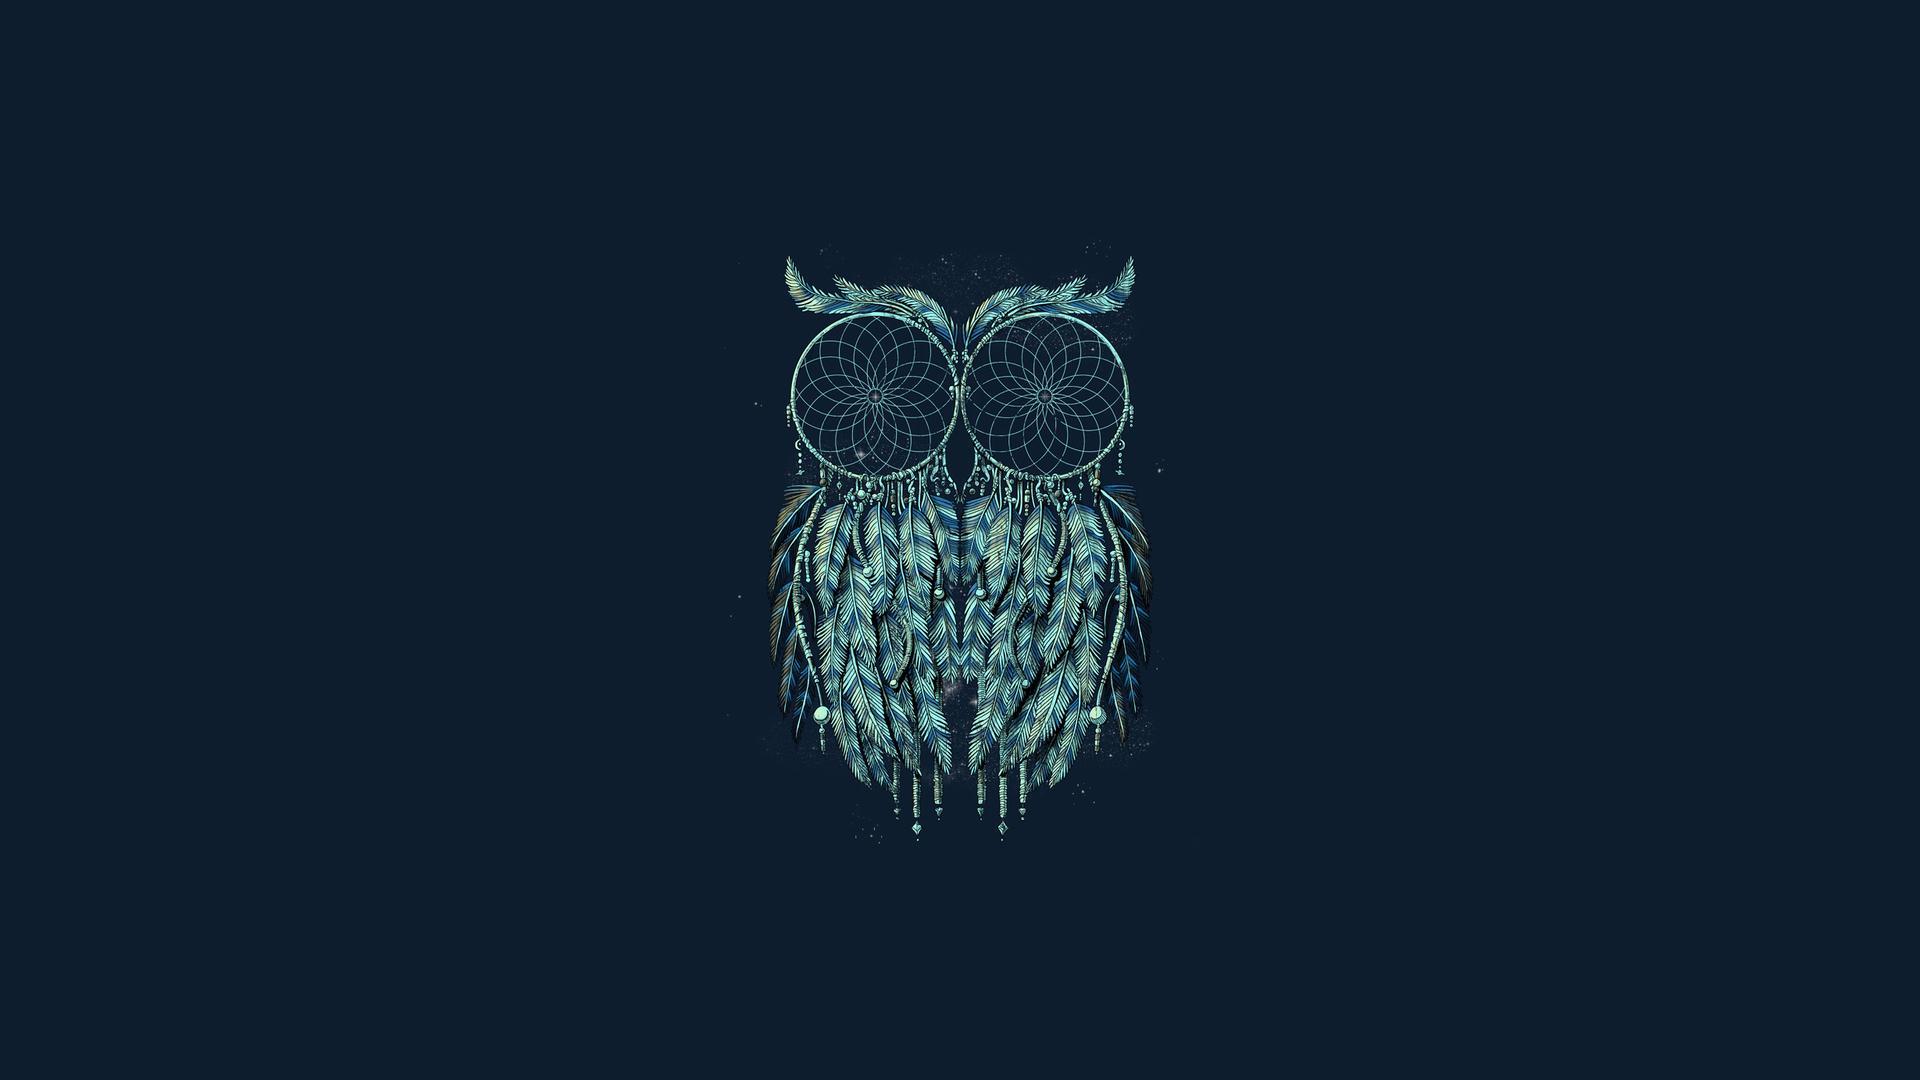 Cool Lion Wallpapers Hd Owl Dreamcatcher Hd Desktop Wallpaper Widescreen High